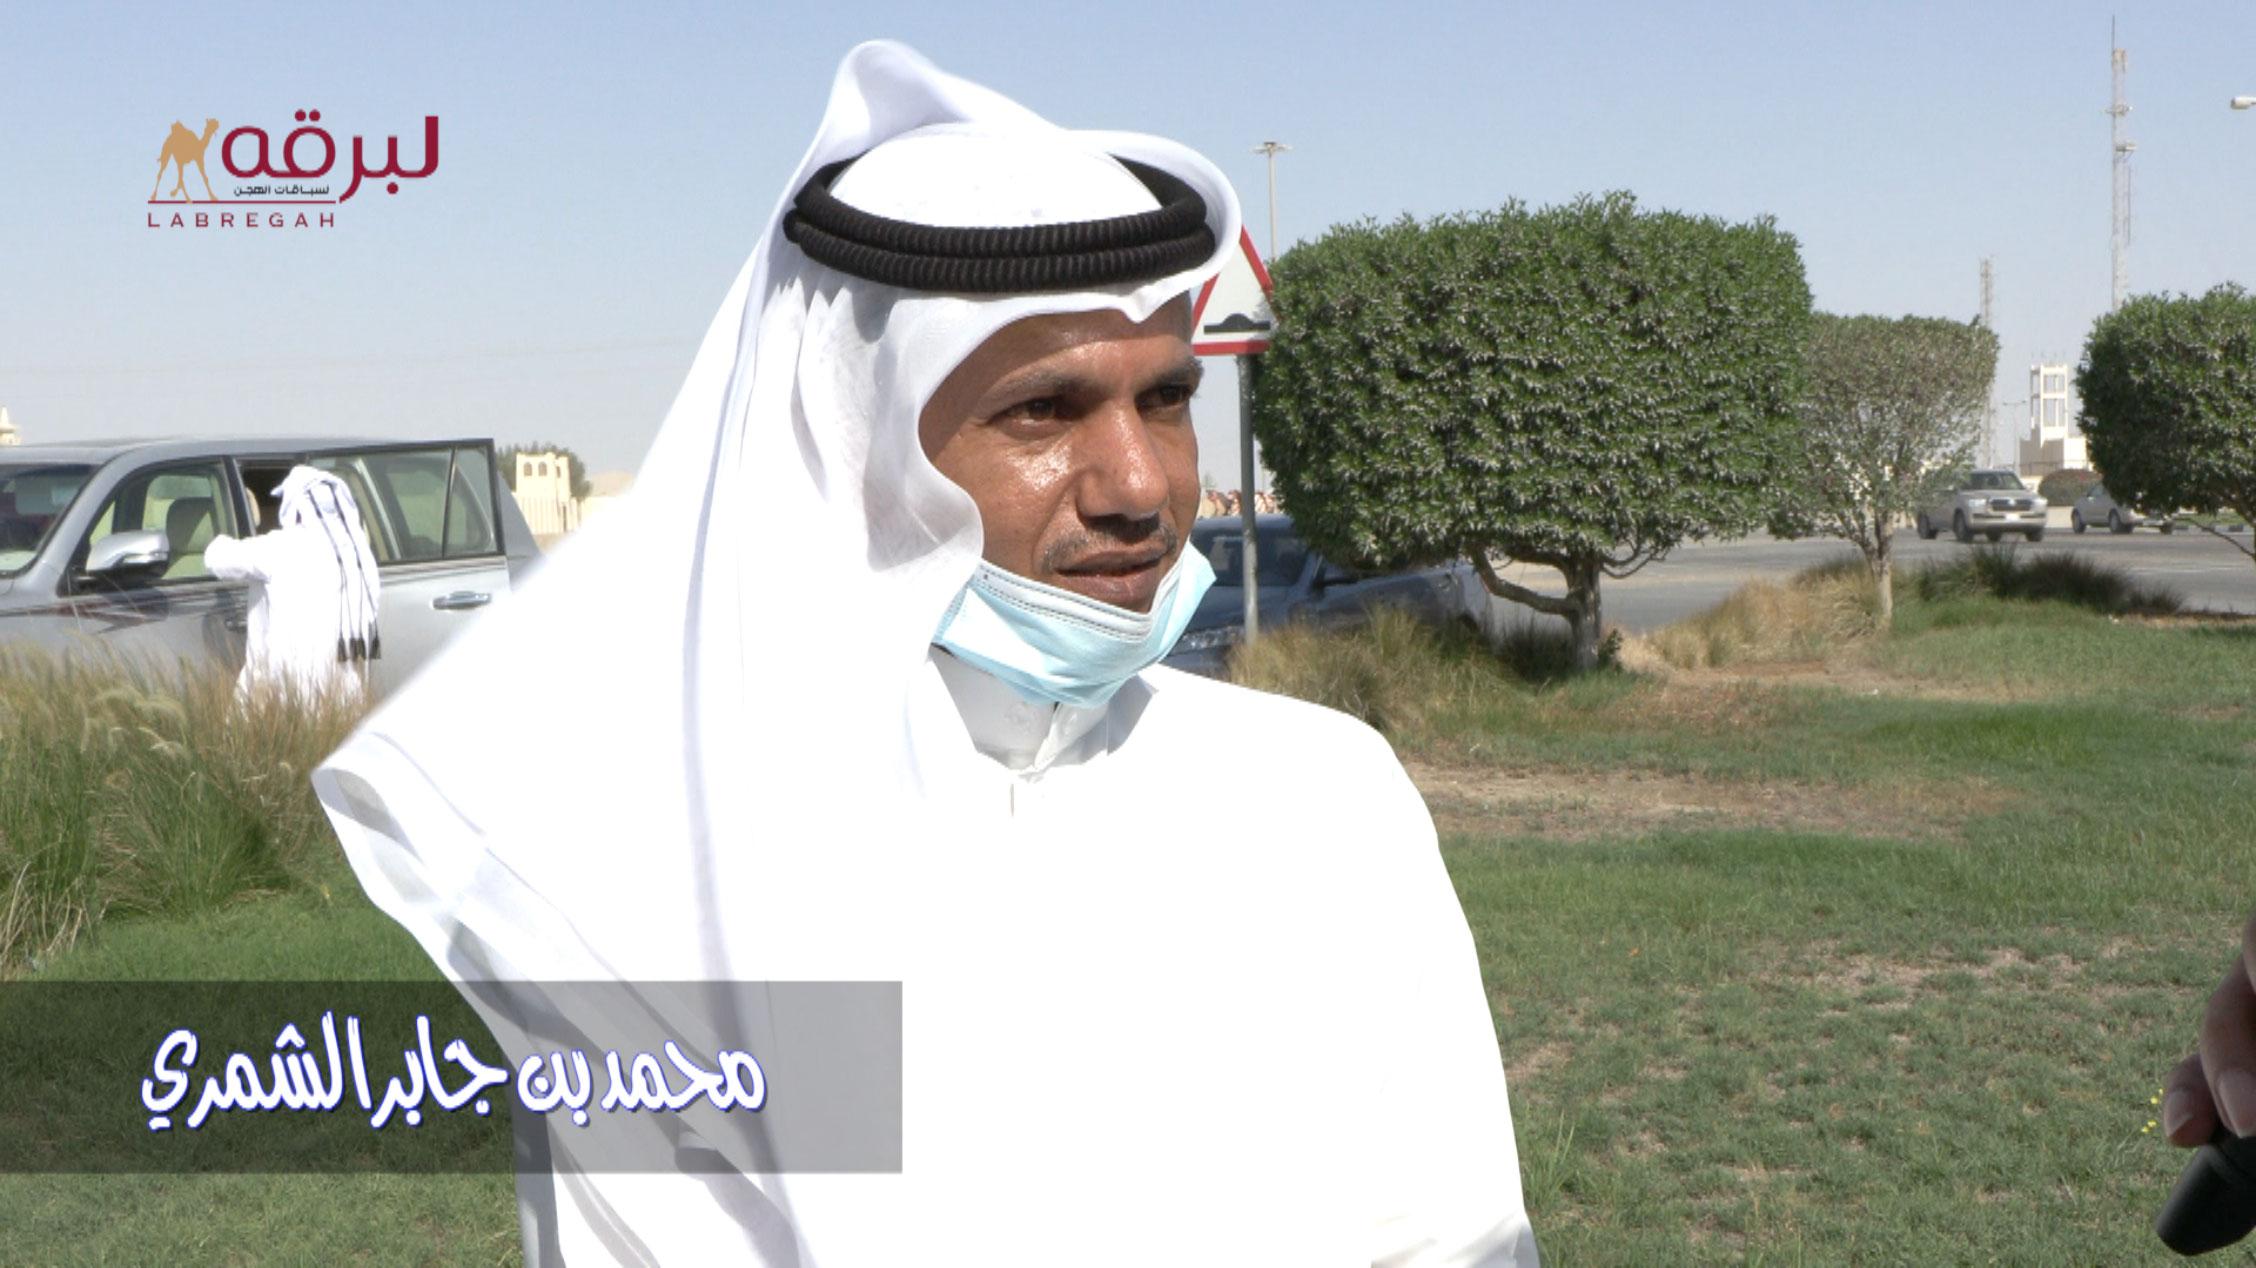 لقاء مع محمد بن جابر الشمري.. الشوط الرئيسي للزمول (مفتوح) ميدان الشحانية ٢٦-٩-٢٠٢١